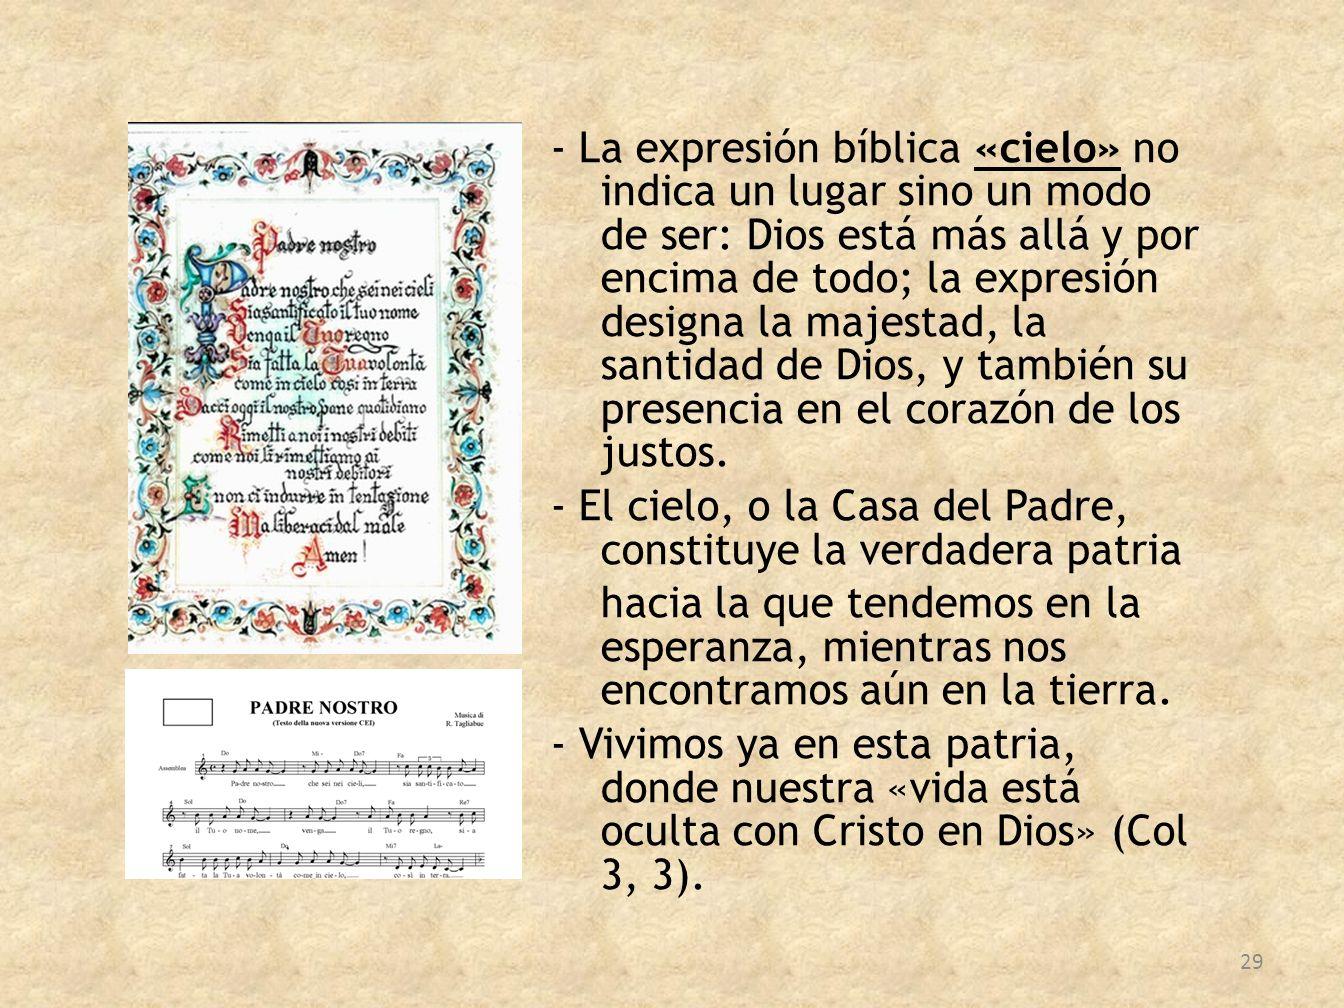 - La expresión bíblica «cielo» no indica un lugar sino un modo de ser: Dios está más allá y por encima de todo; la expresión designa la majestad, la santidad de Dios, y también su presencia en el corazón de los justos.